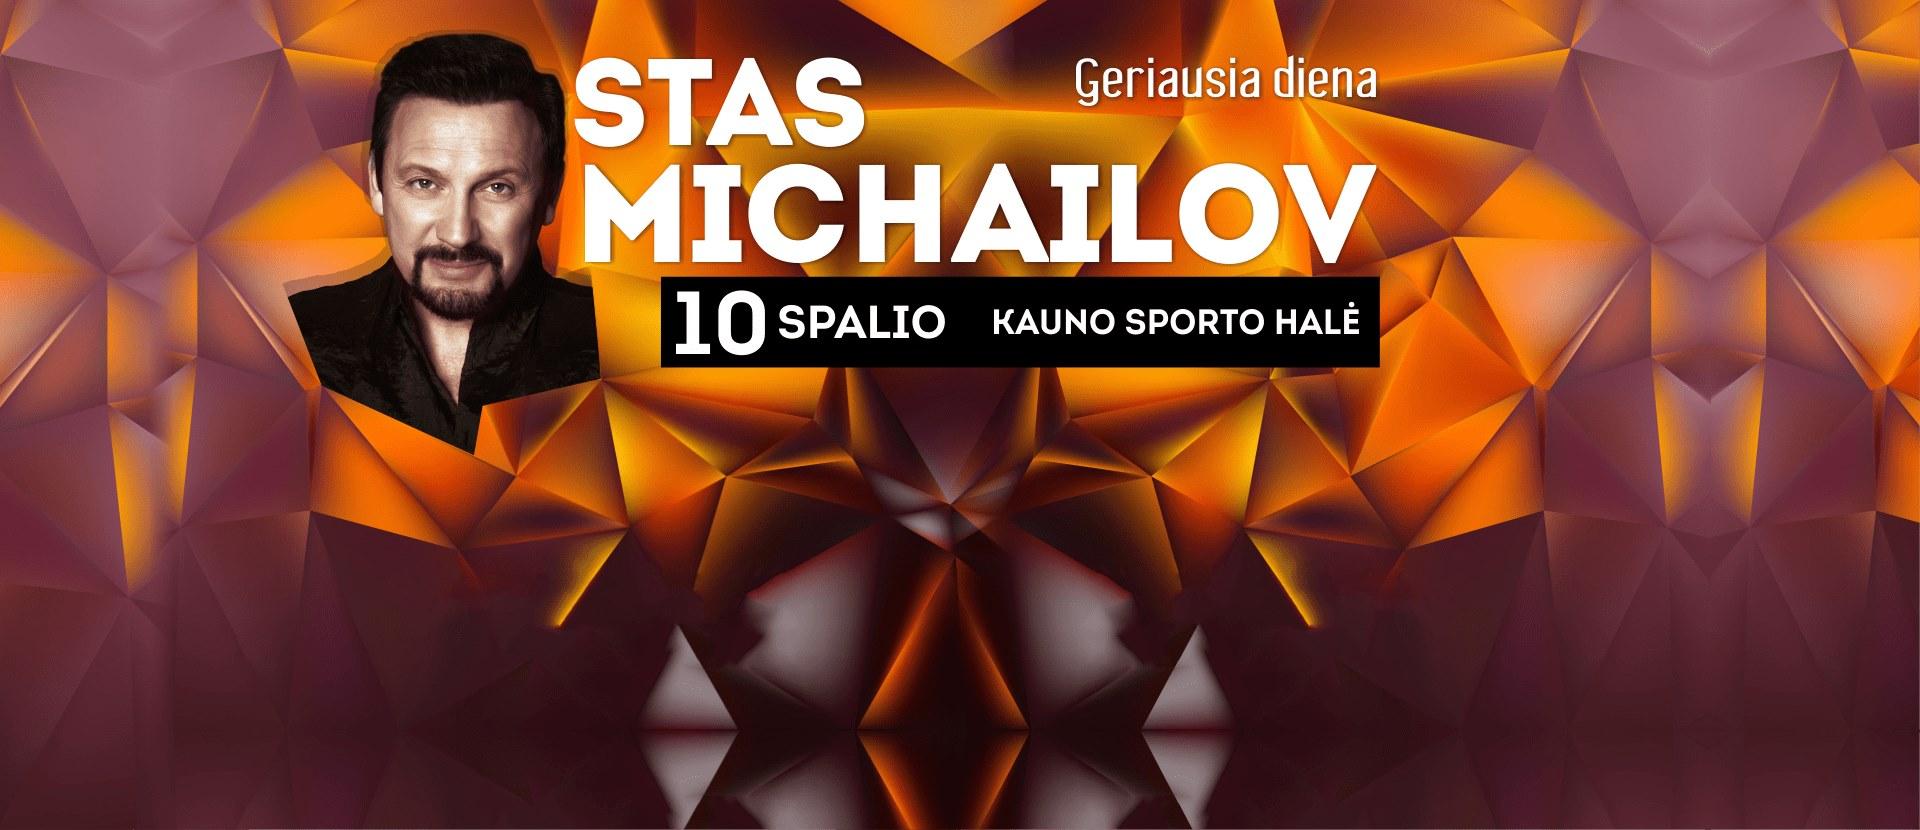 Stas Michailov koncertas